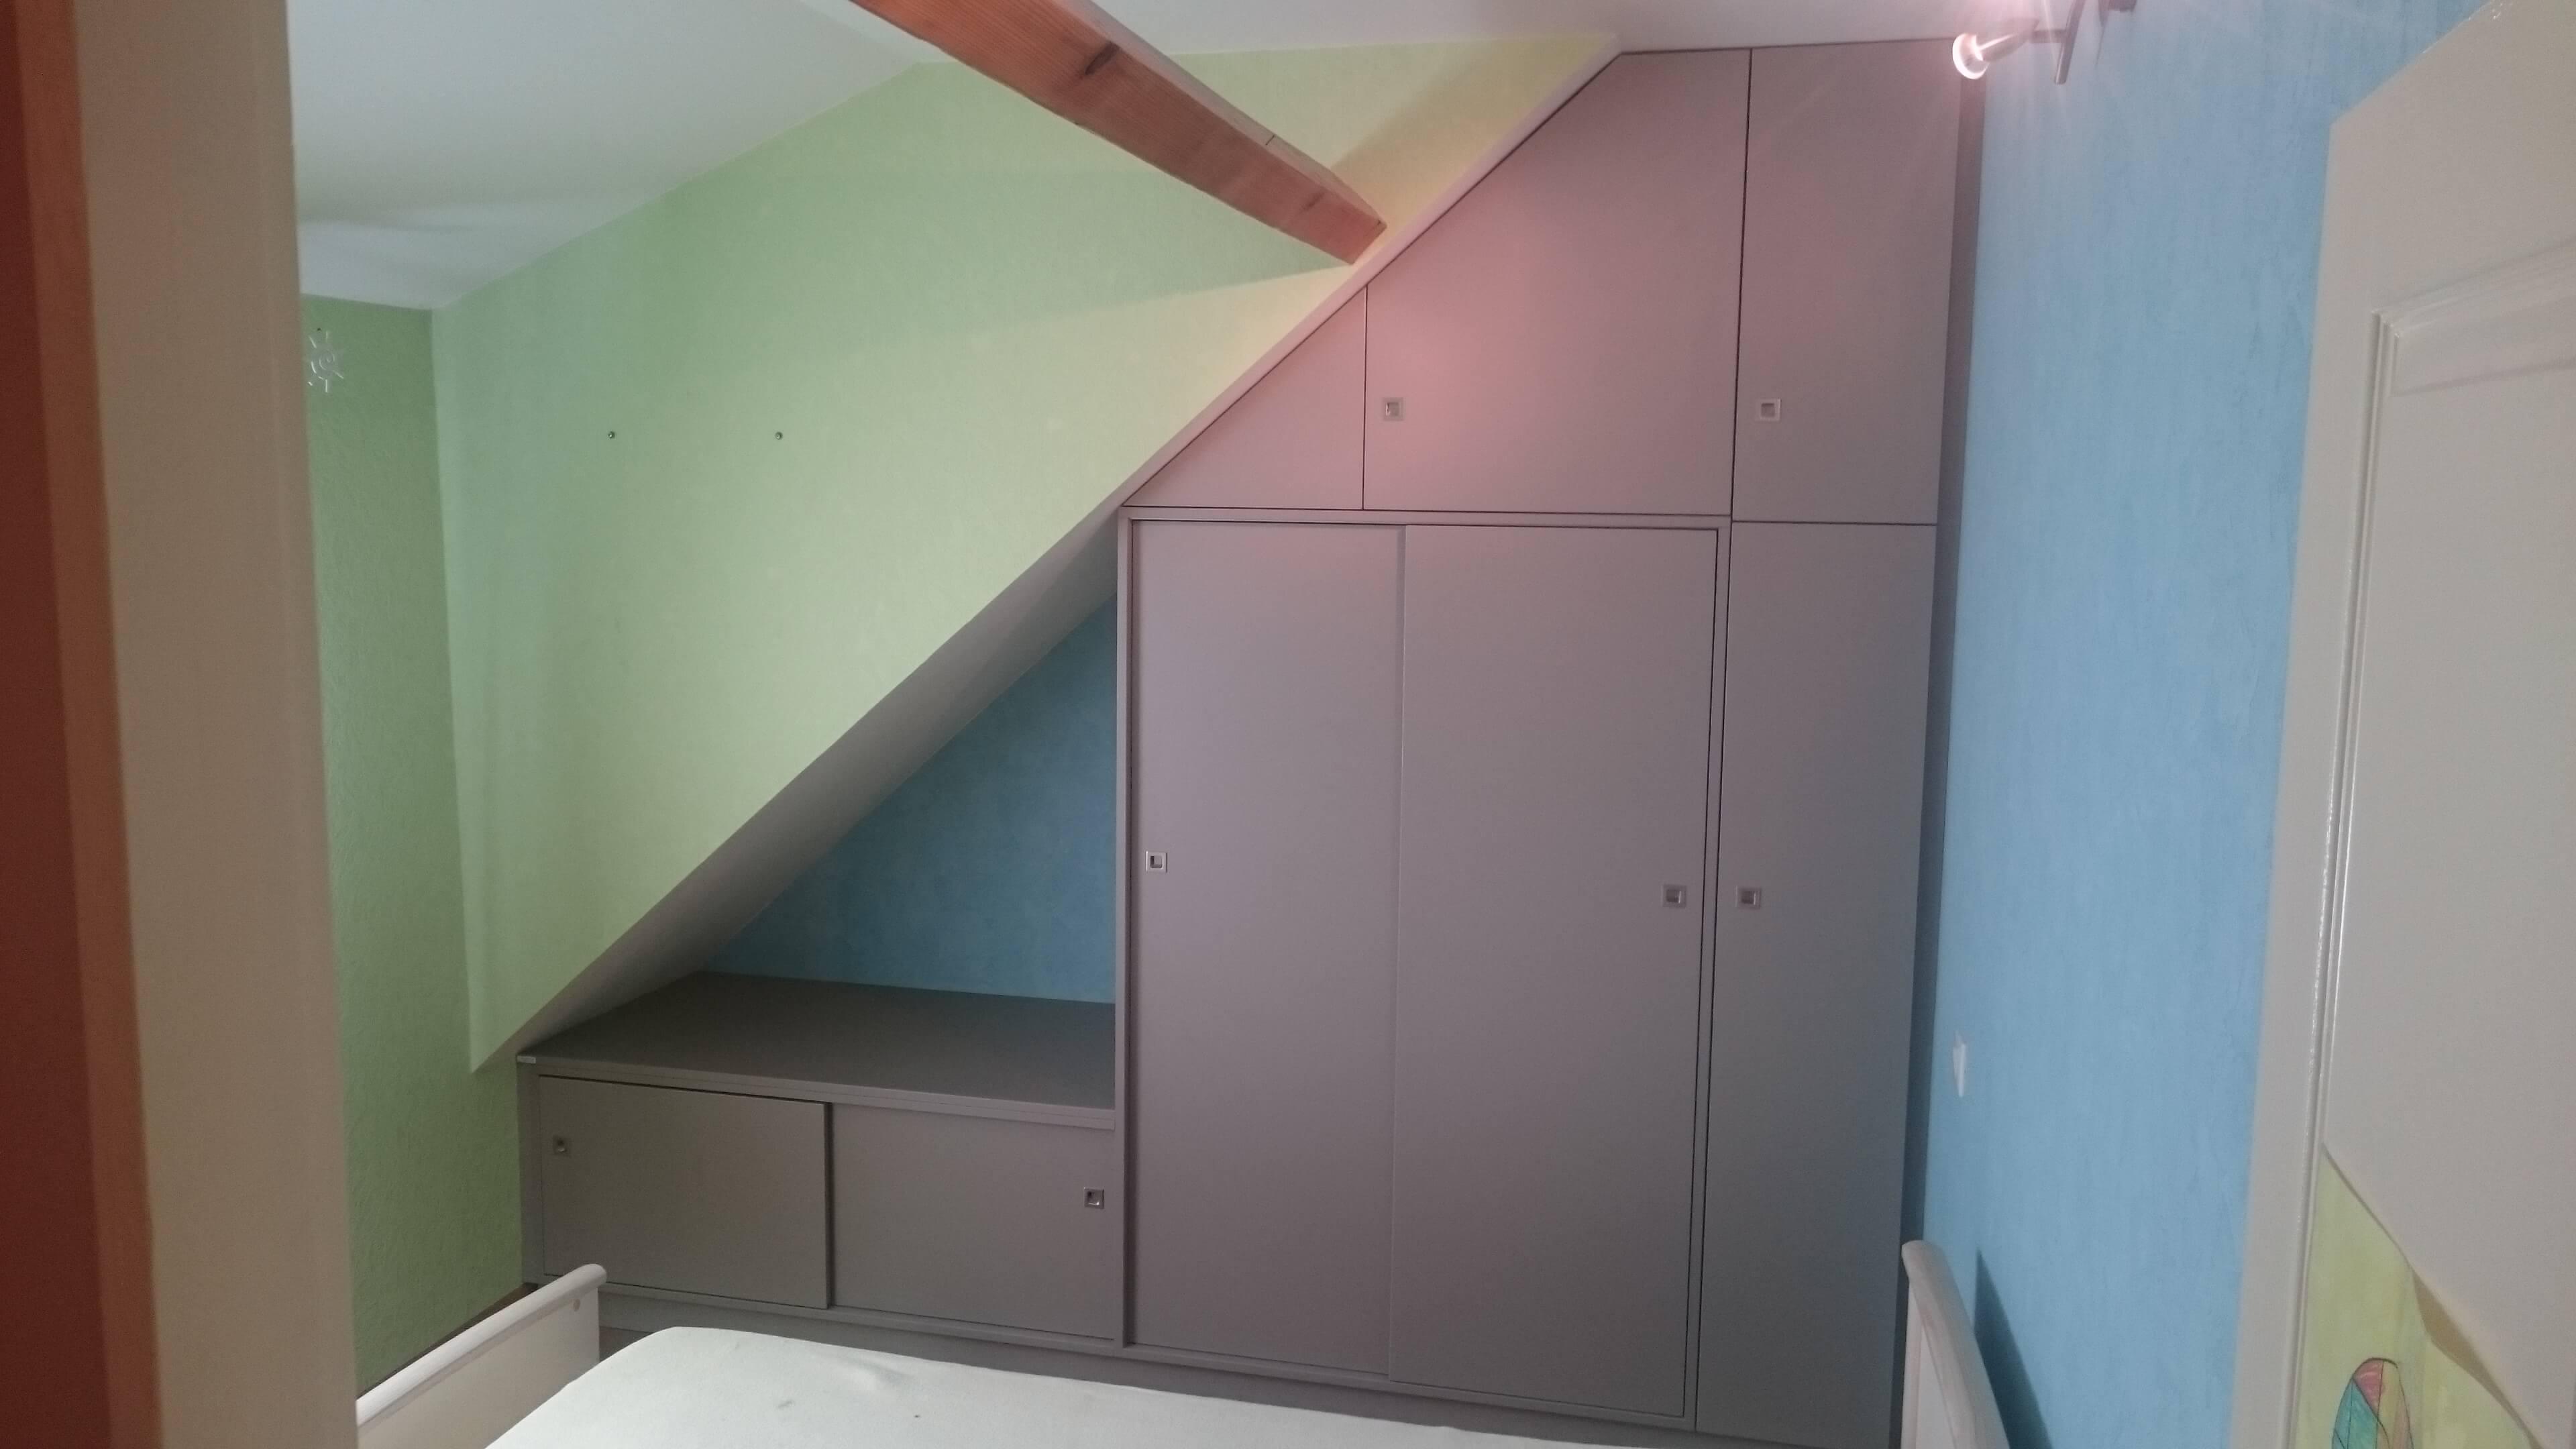 Menuiserie Figard - Fabrication sur mesure - Rangement de chambre sous pente du toit - Dressing - Mé